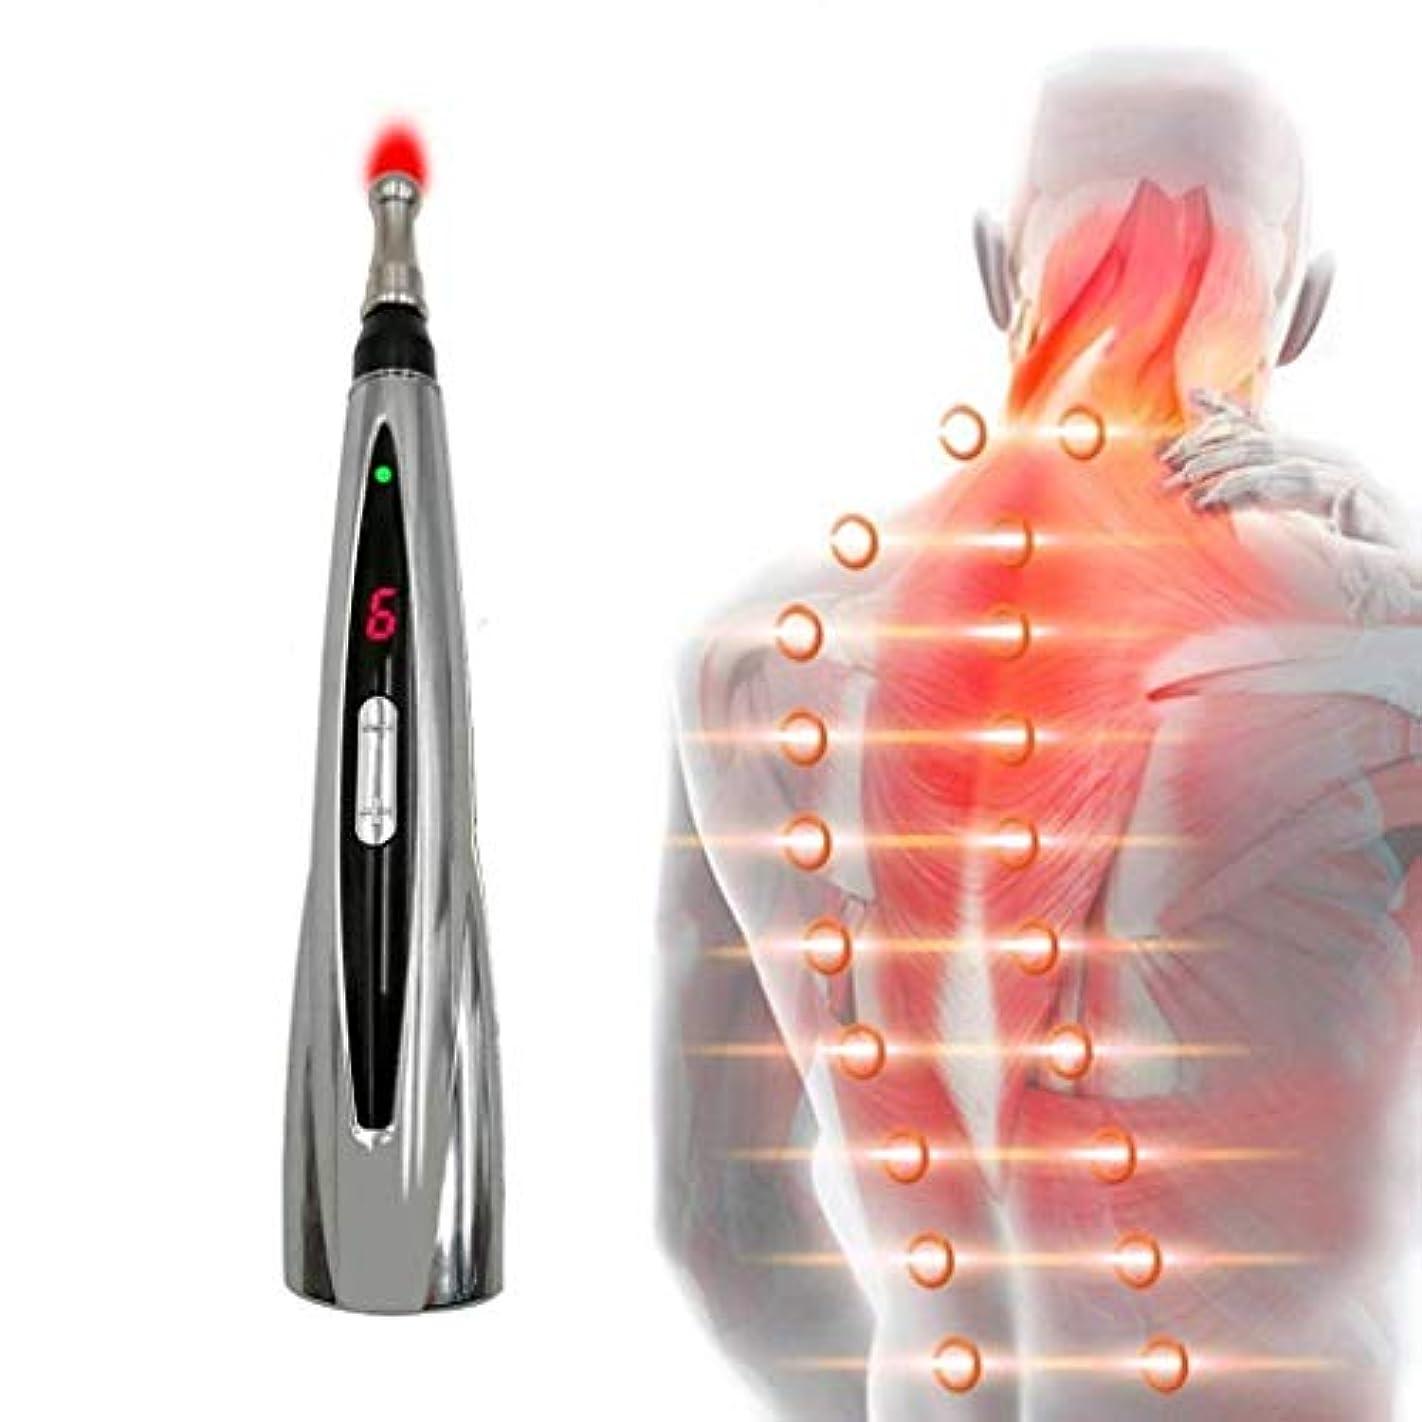 トピック唯物論必要経絡ペン、電気鍼ツボペンは痛みを和らげることができ、体の首と首に適した電子経絡エネルギーペンマッサージを扱います